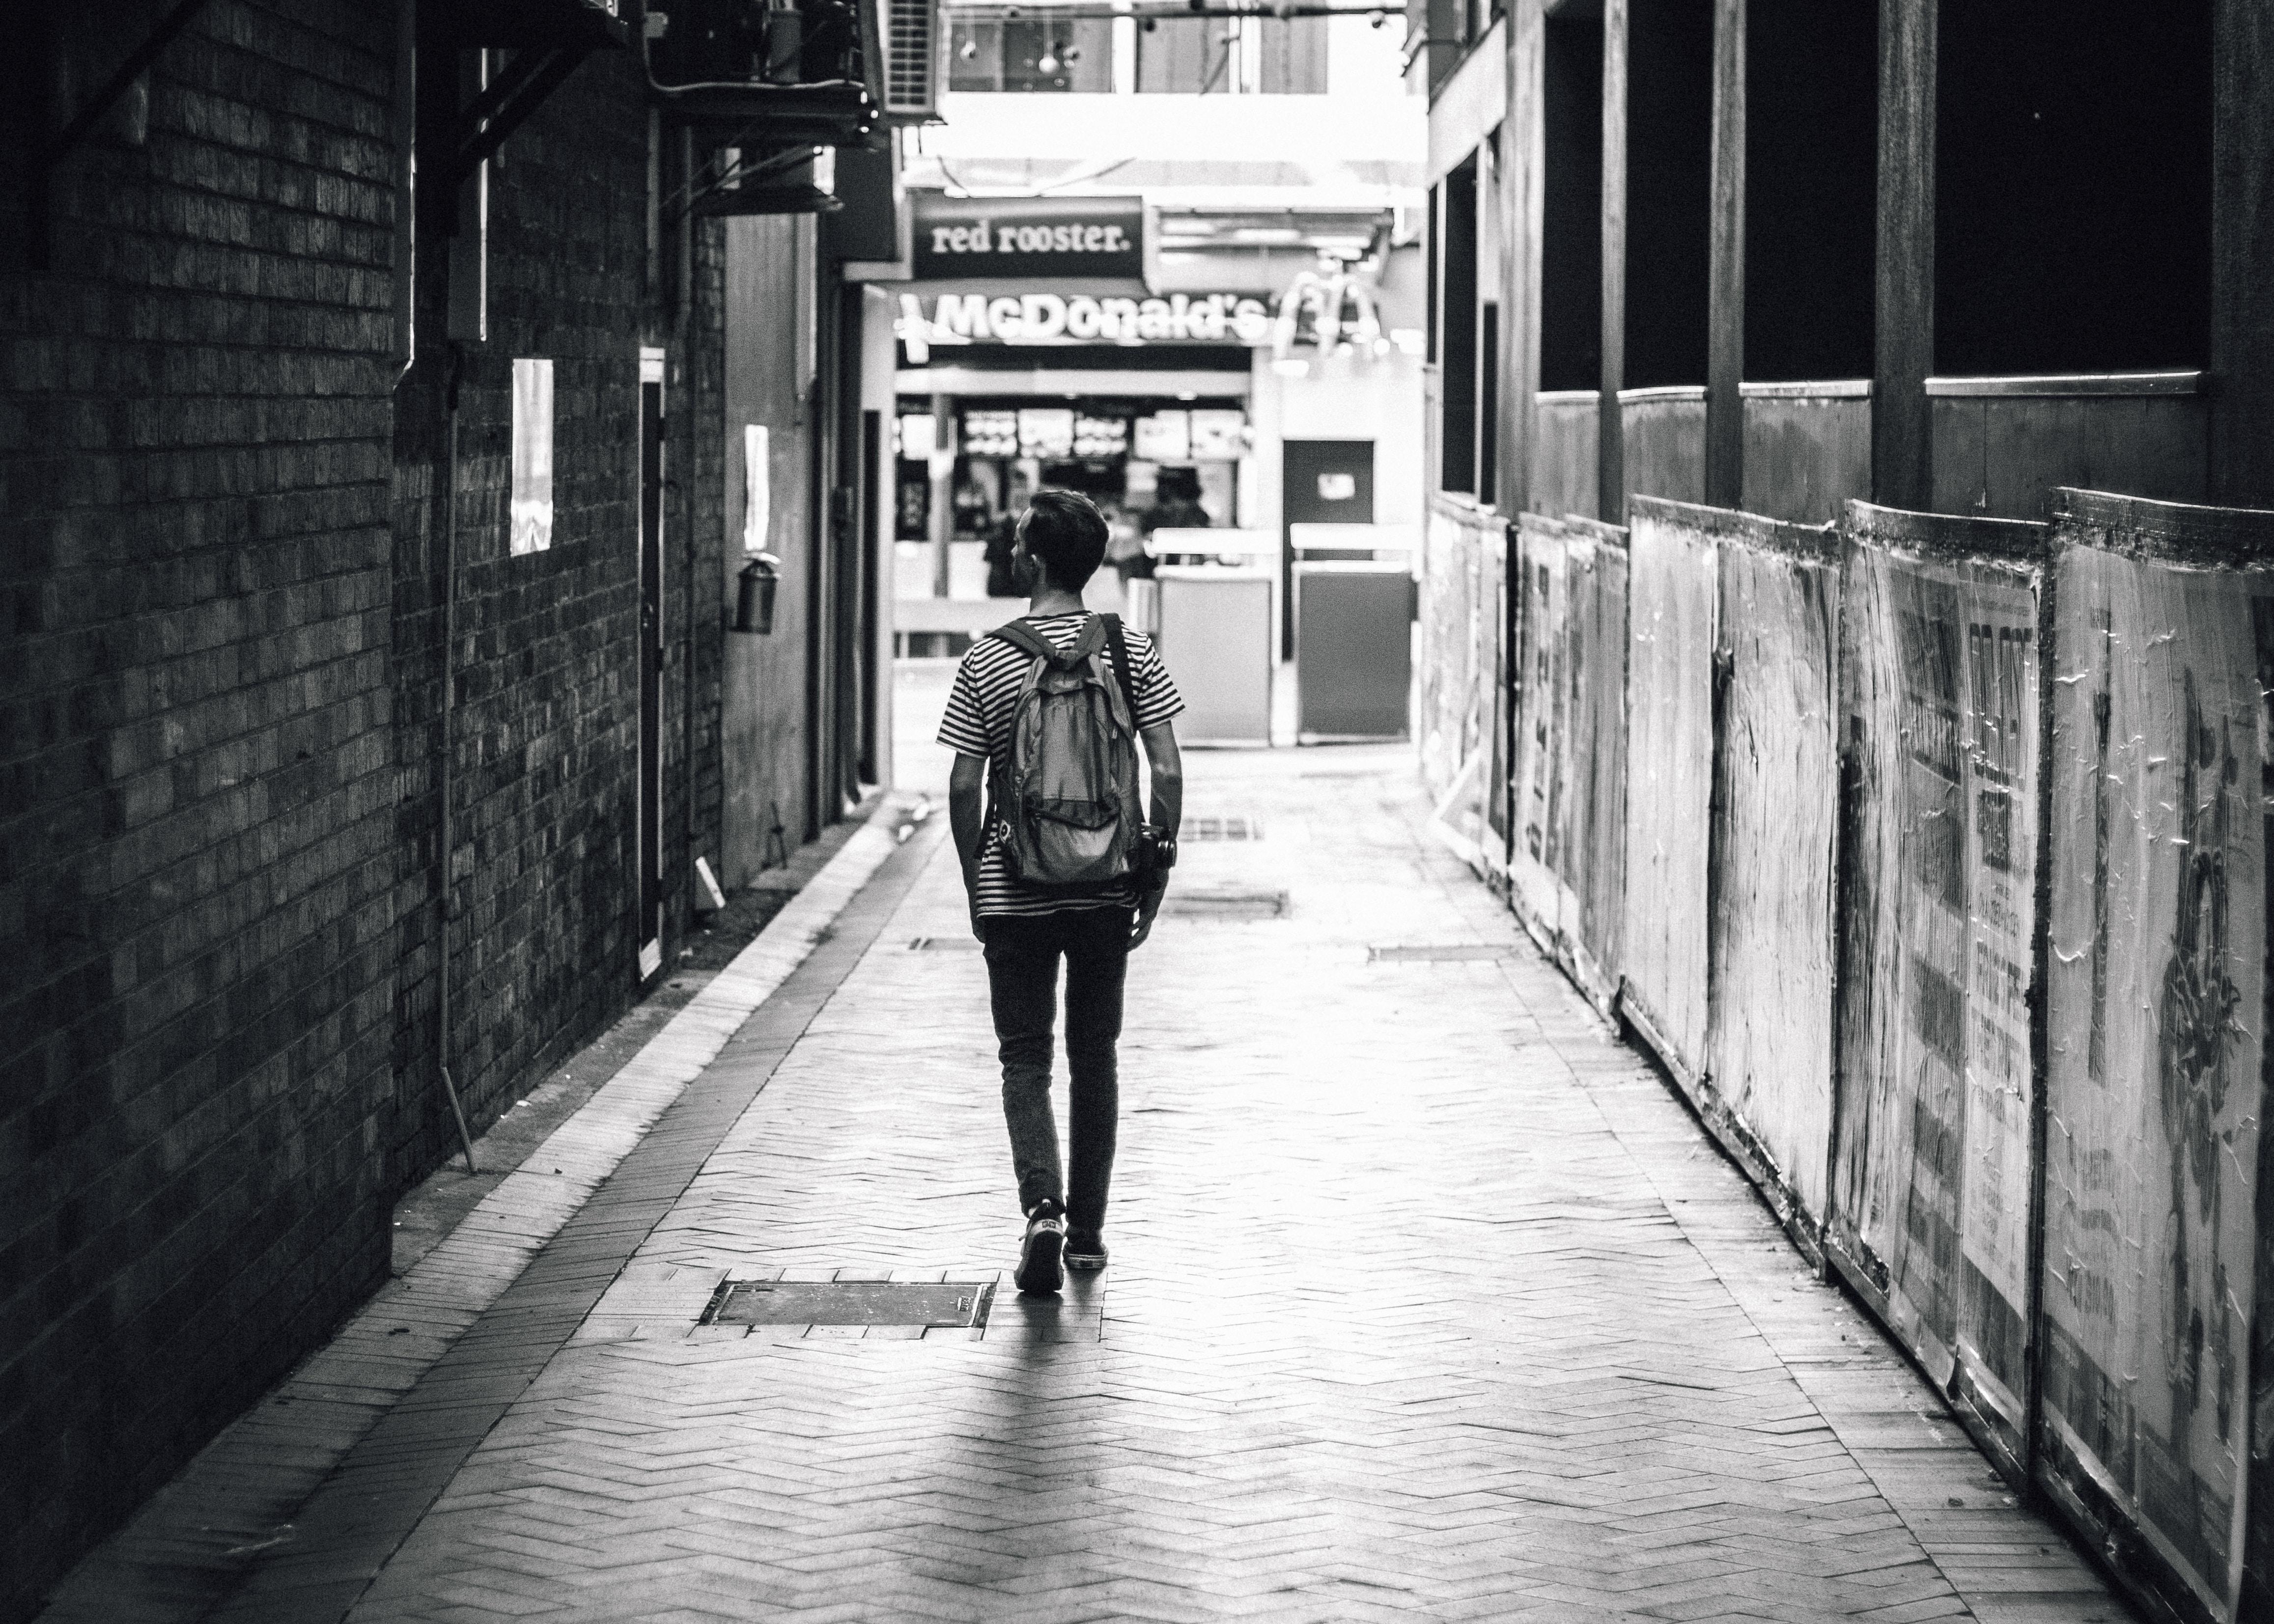 man walking between concrete buildings